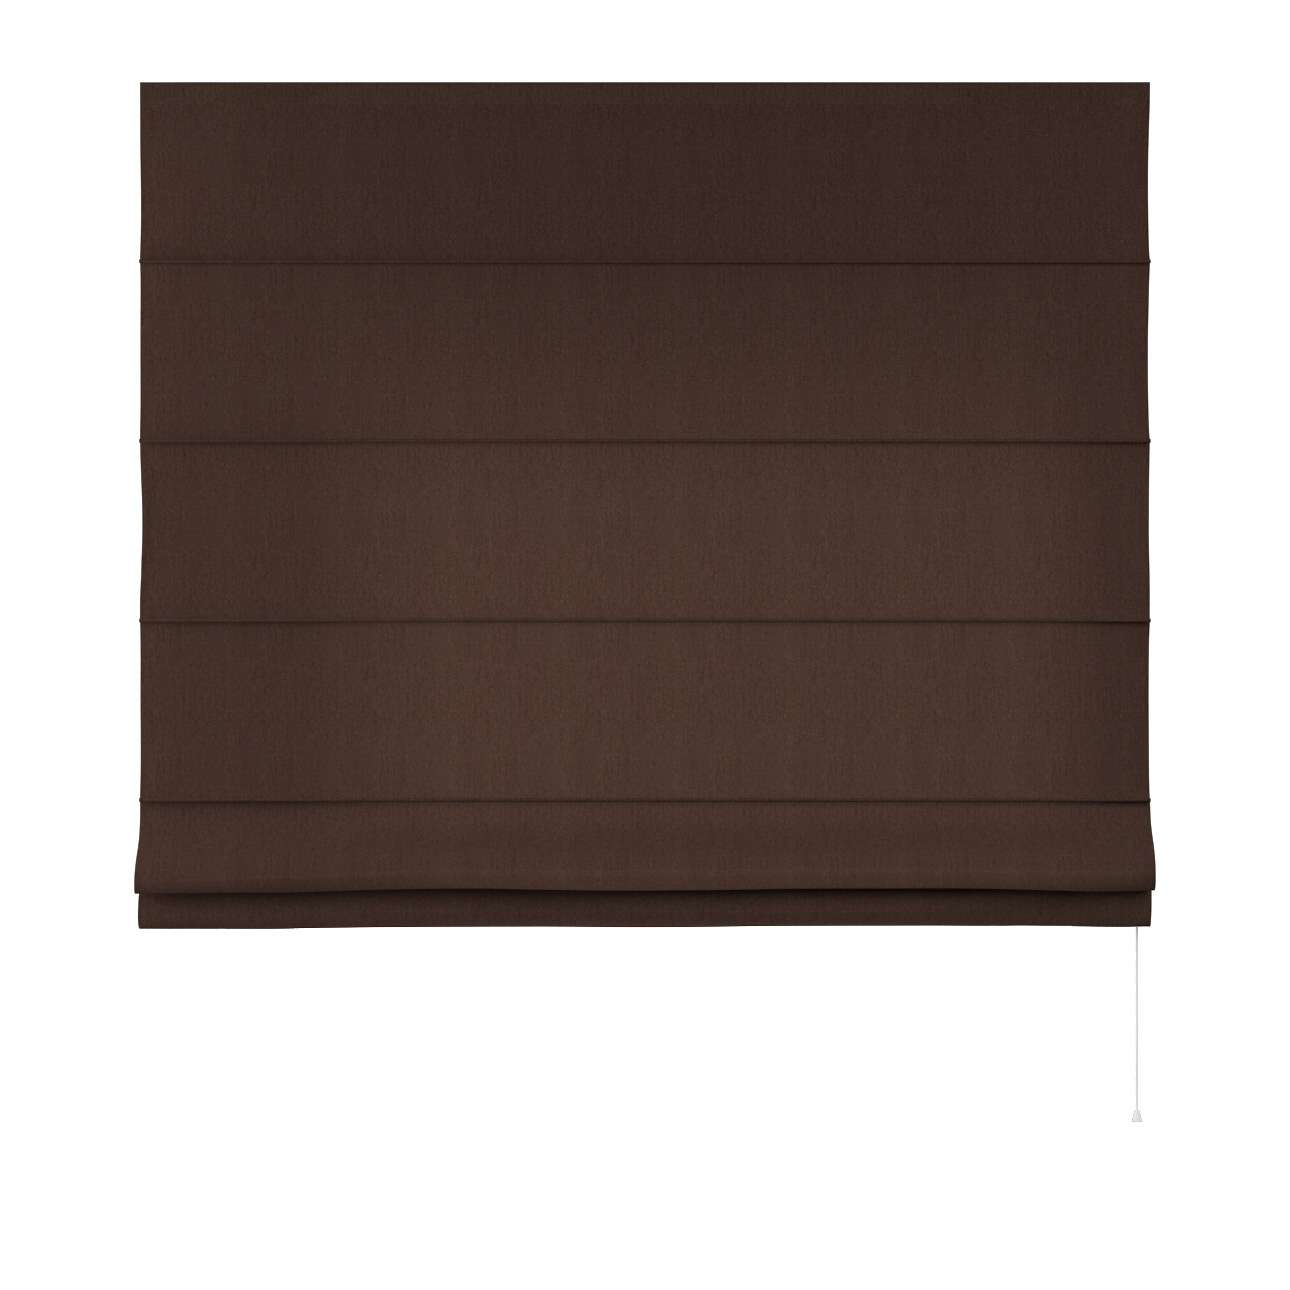 Capri roman blind 80 x 170 cm (31.5 x 67 inch) in collection Chenille, fabric: 702-18